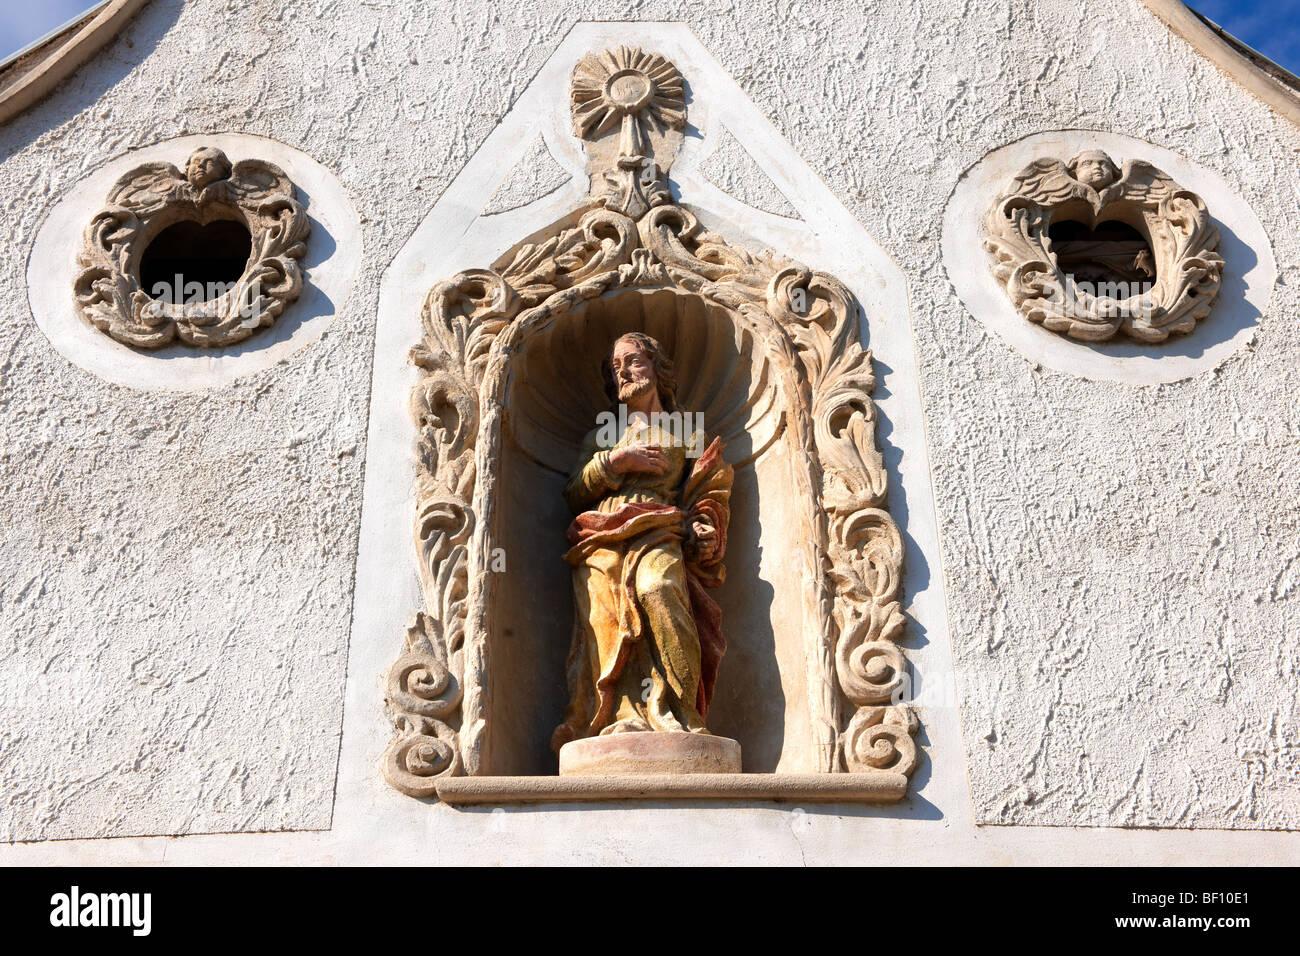 Le statue dei due mori Casa (K t m r h z). Rustica architettura barocca - Sopron, Ungheria Immagini Stock